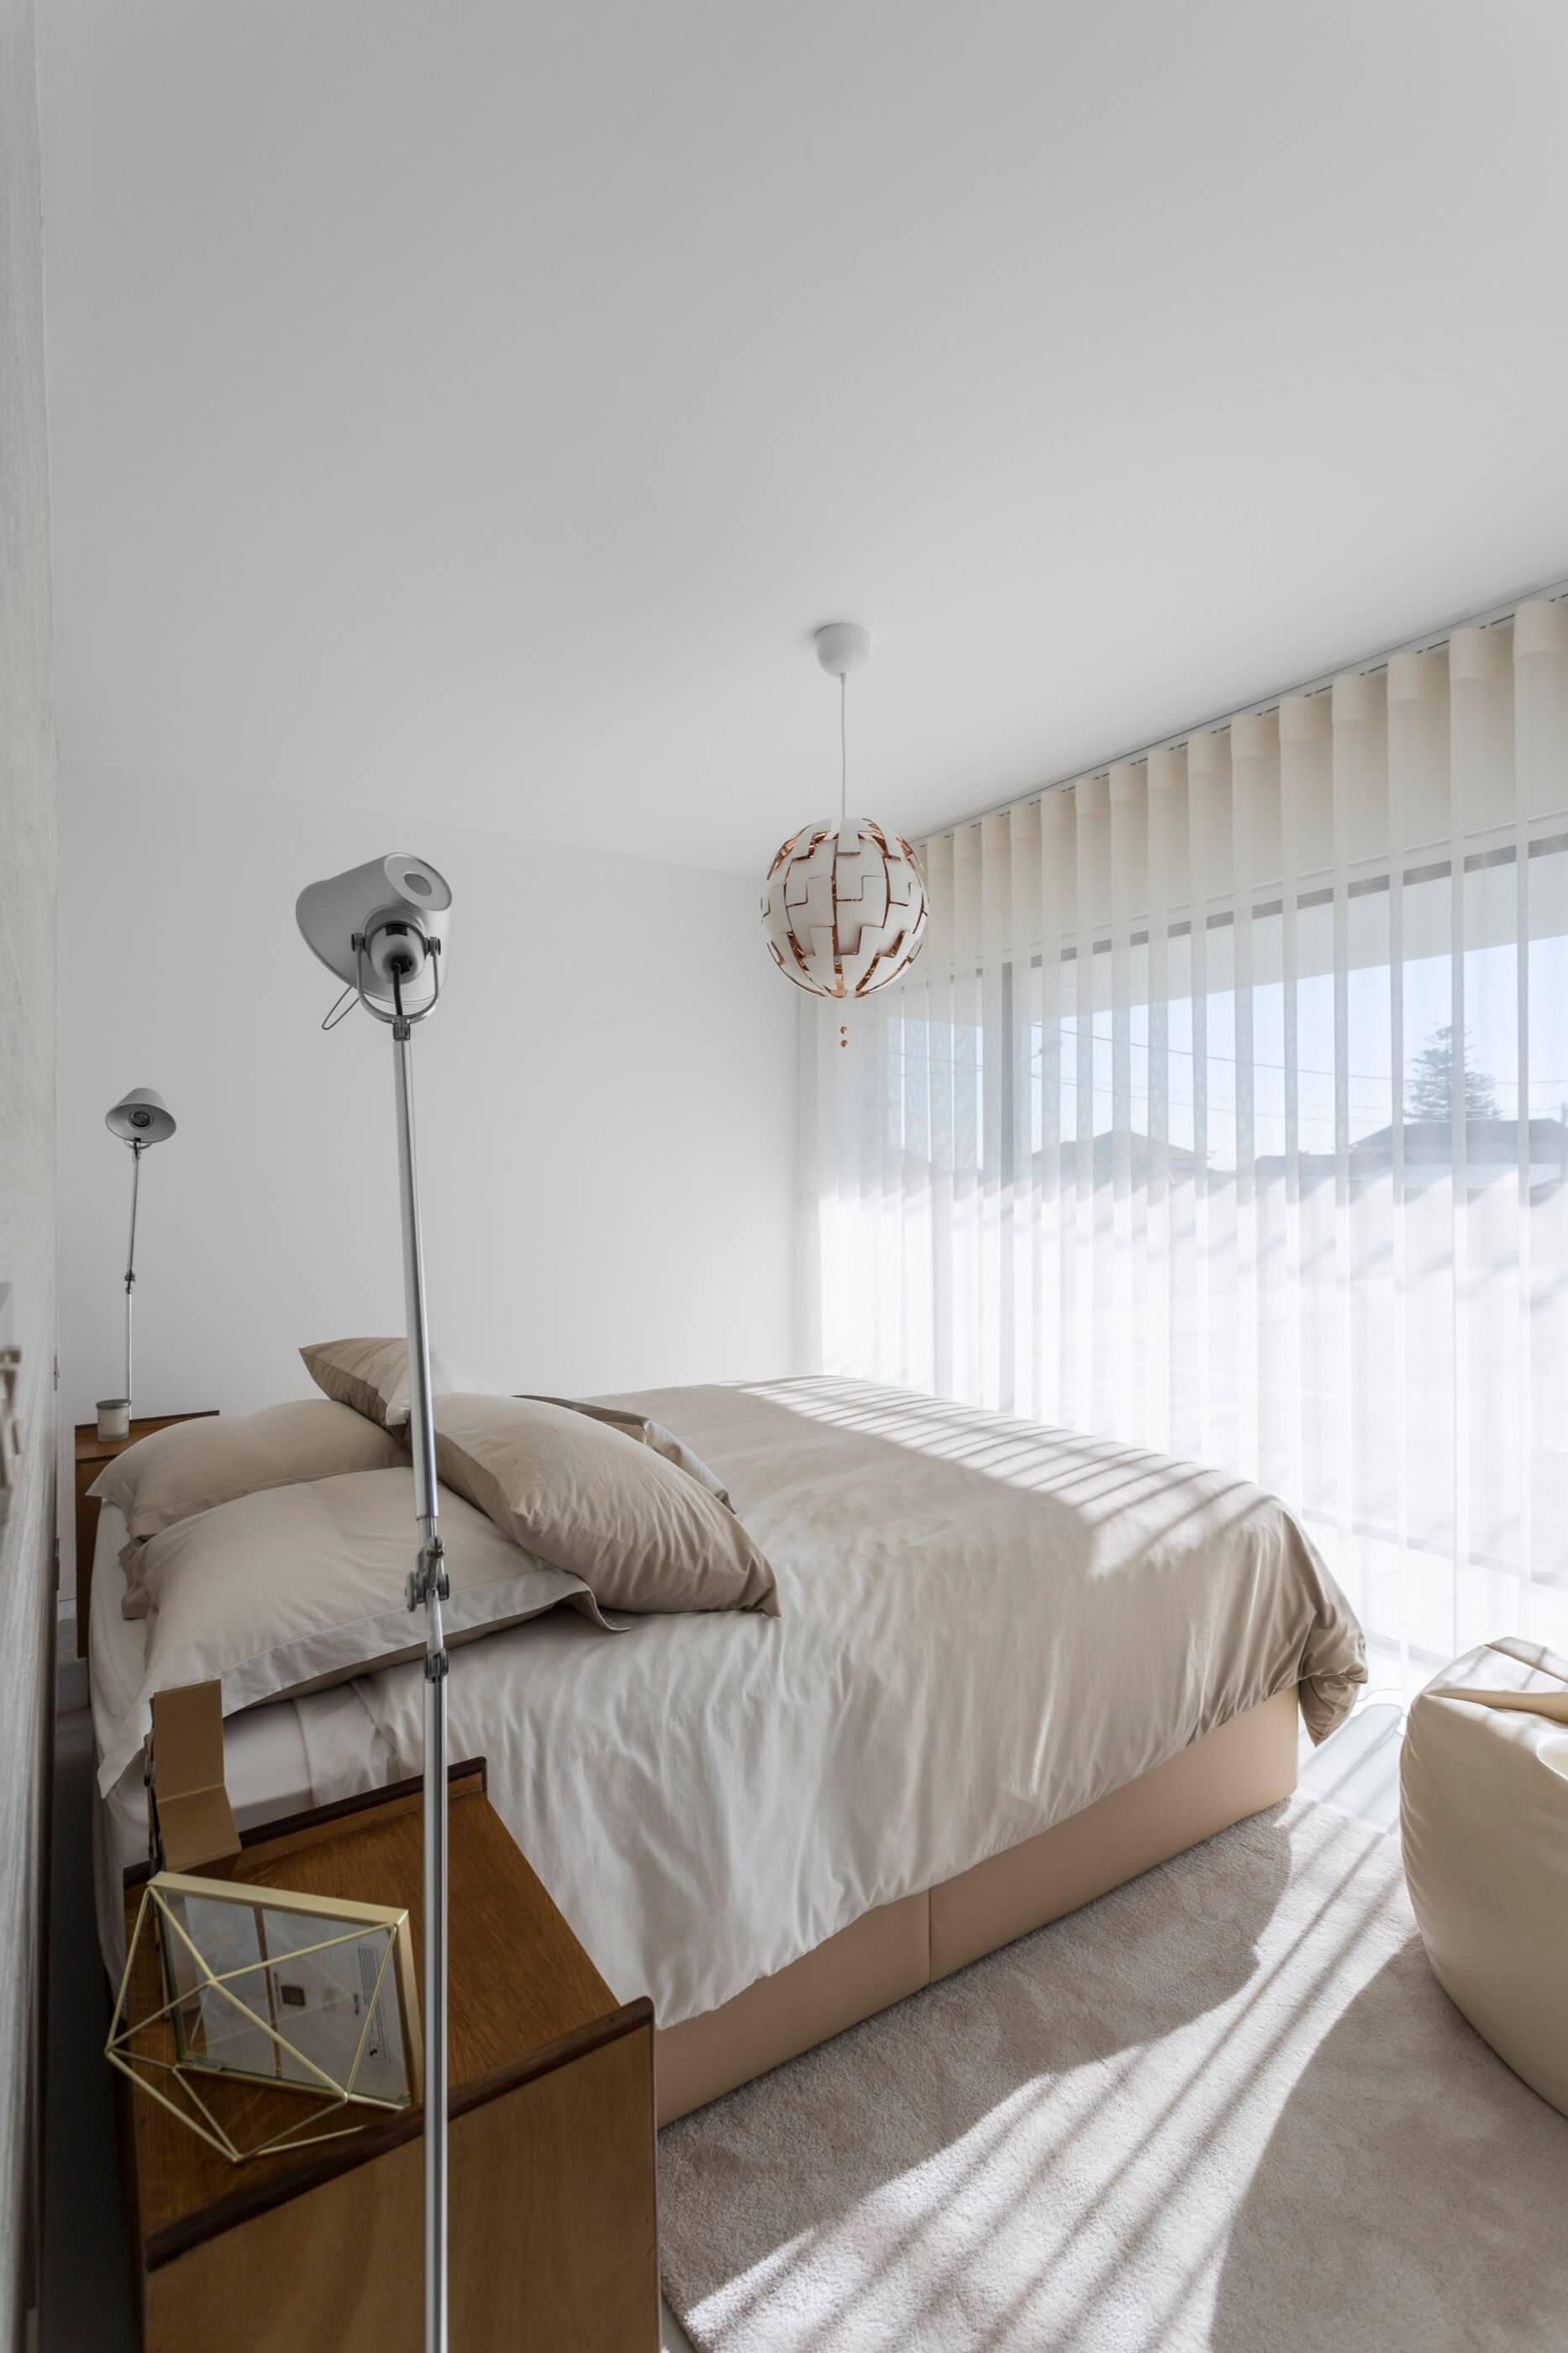 Arquitecto Lousinha Casa Fontes 18 do fotografo Ivo Tavares Studio